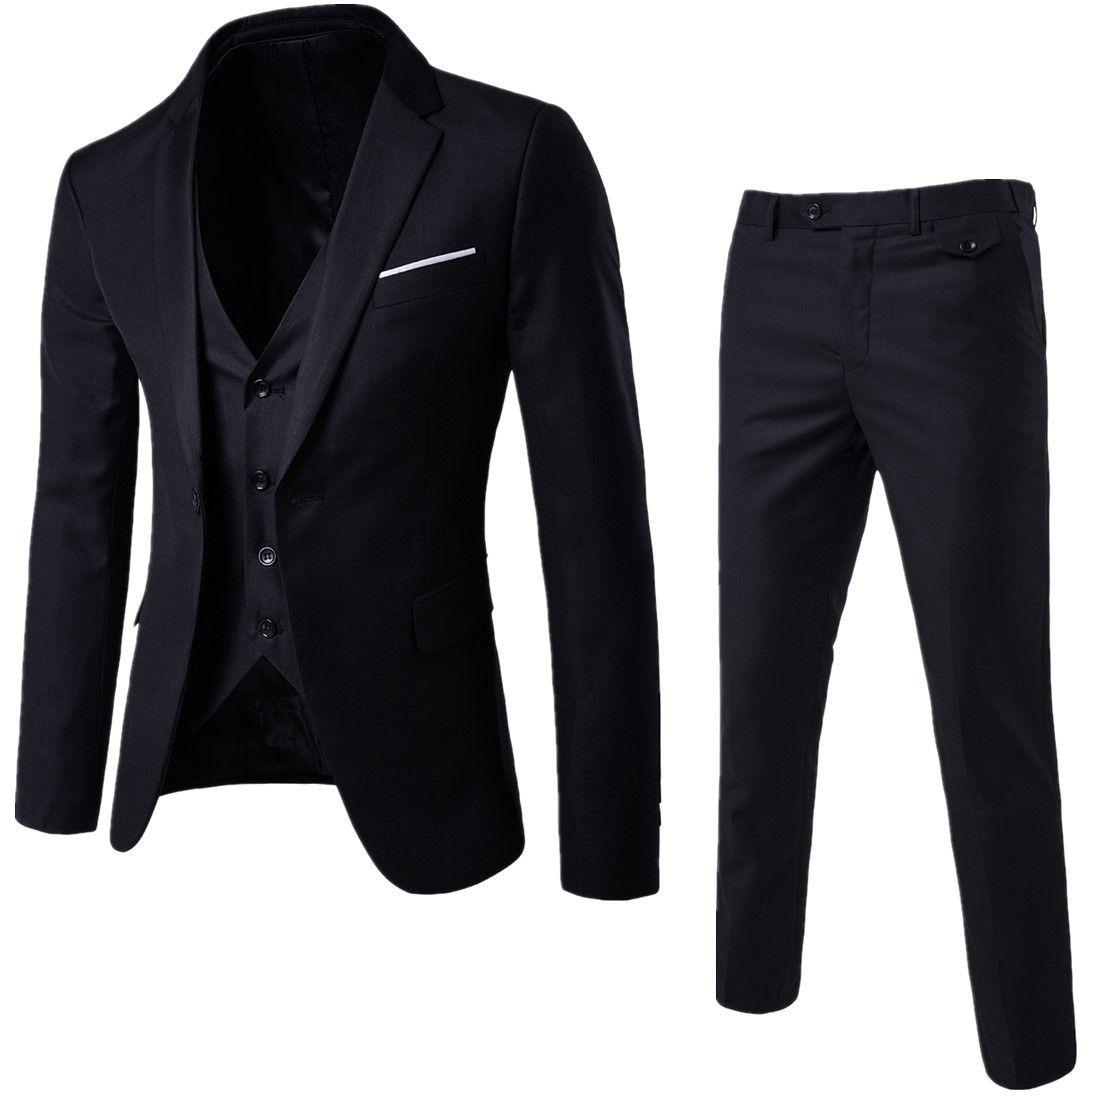 2019 Fashion Mens Suit JacketsBlazer Business Wedding Slim Suit Party new Male Jacket Vest with Pants Plus Size Suit Set